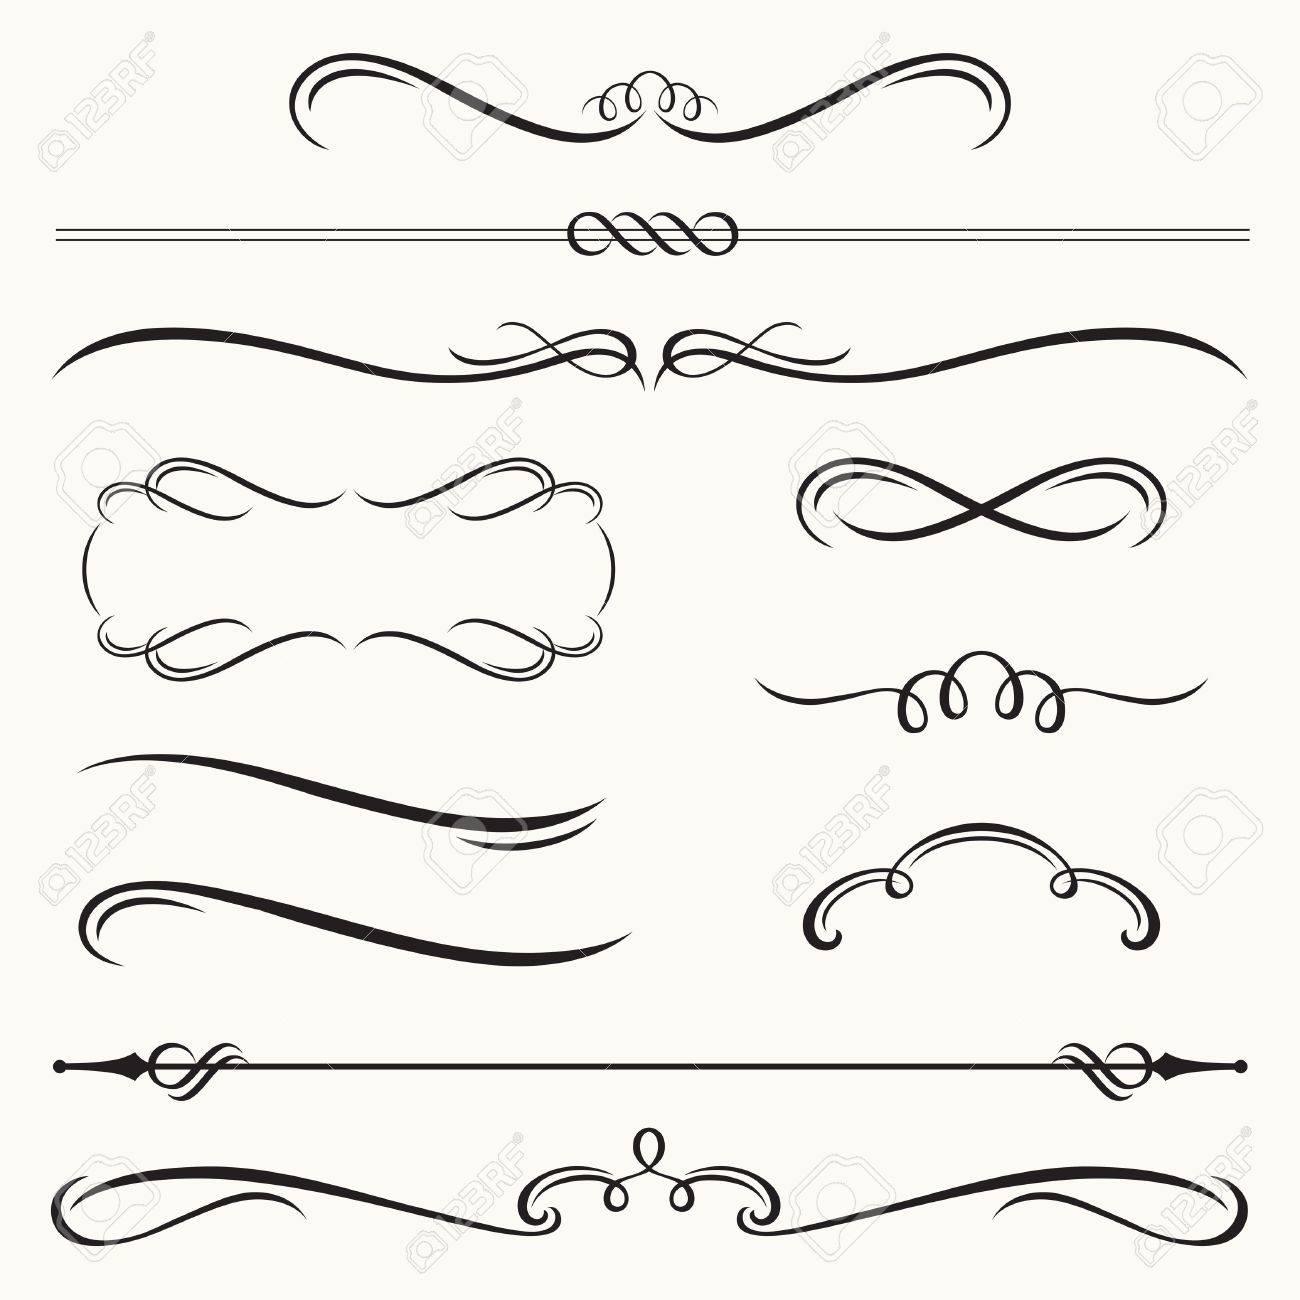 illustration of decorative border and frame set - 21746065